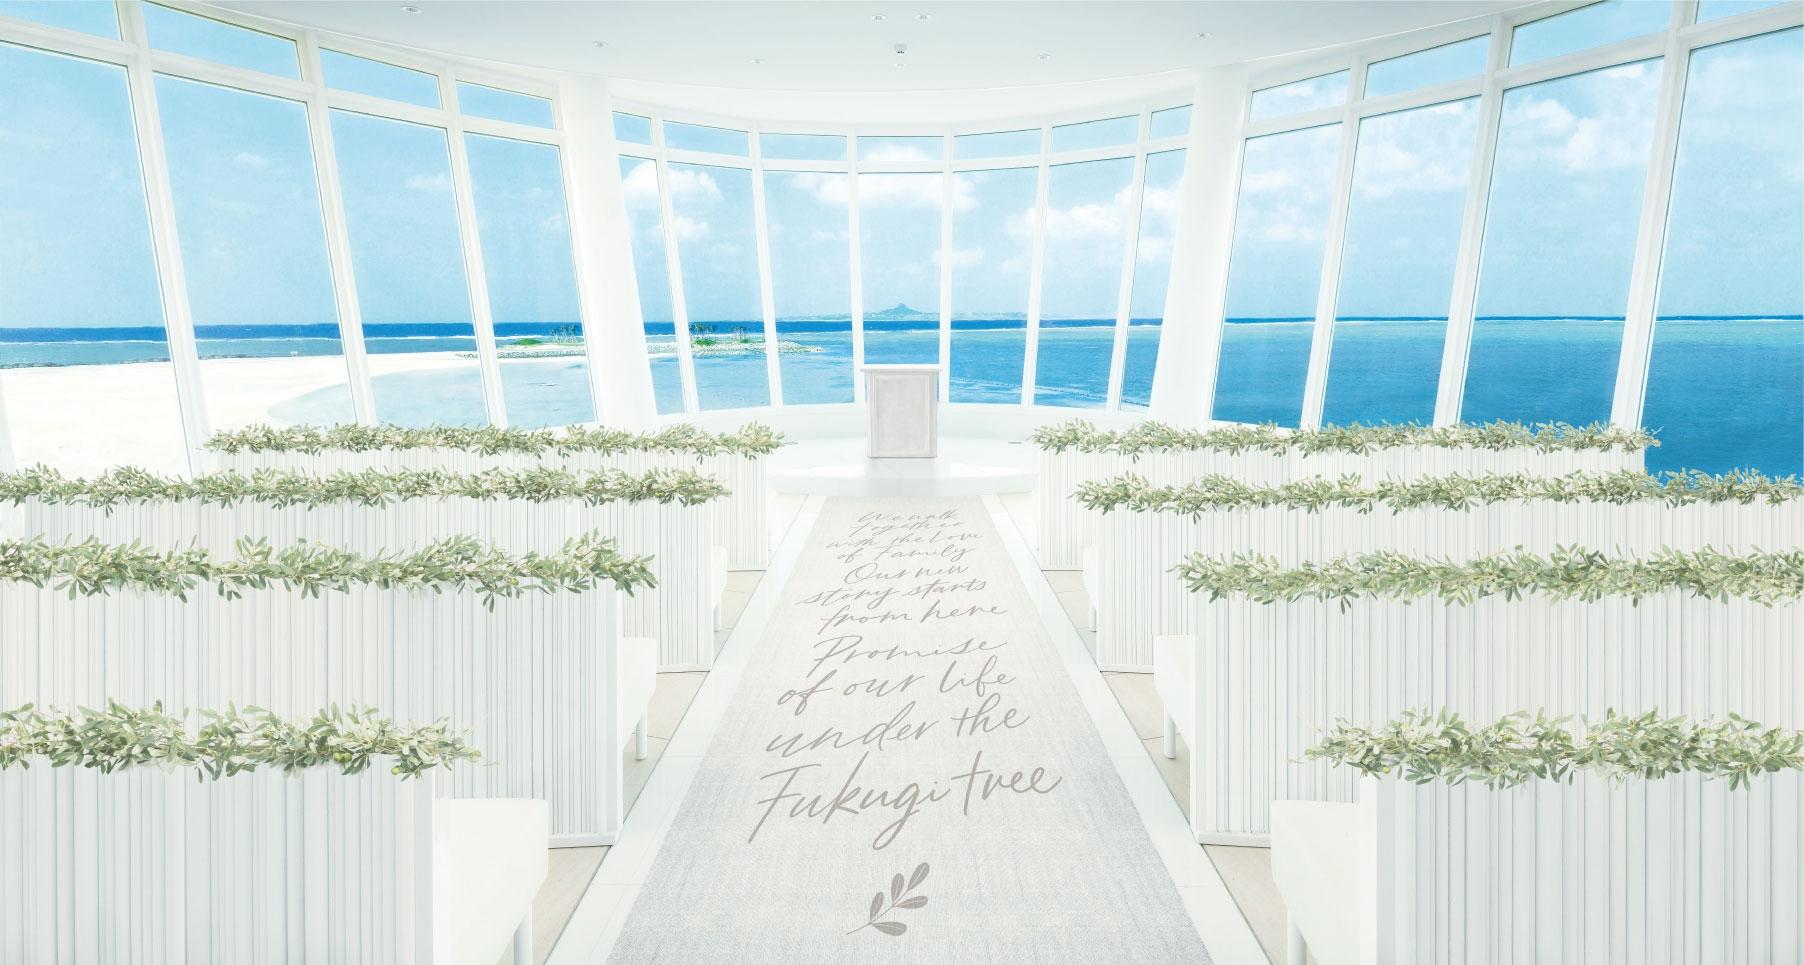 幸せの木「フクギ」とエメラルドビーチの絶景に囲まれた沖縄初のデザイナーズチャペル 「白の教会」が 2019 年 1 月にリニューアルオープン!